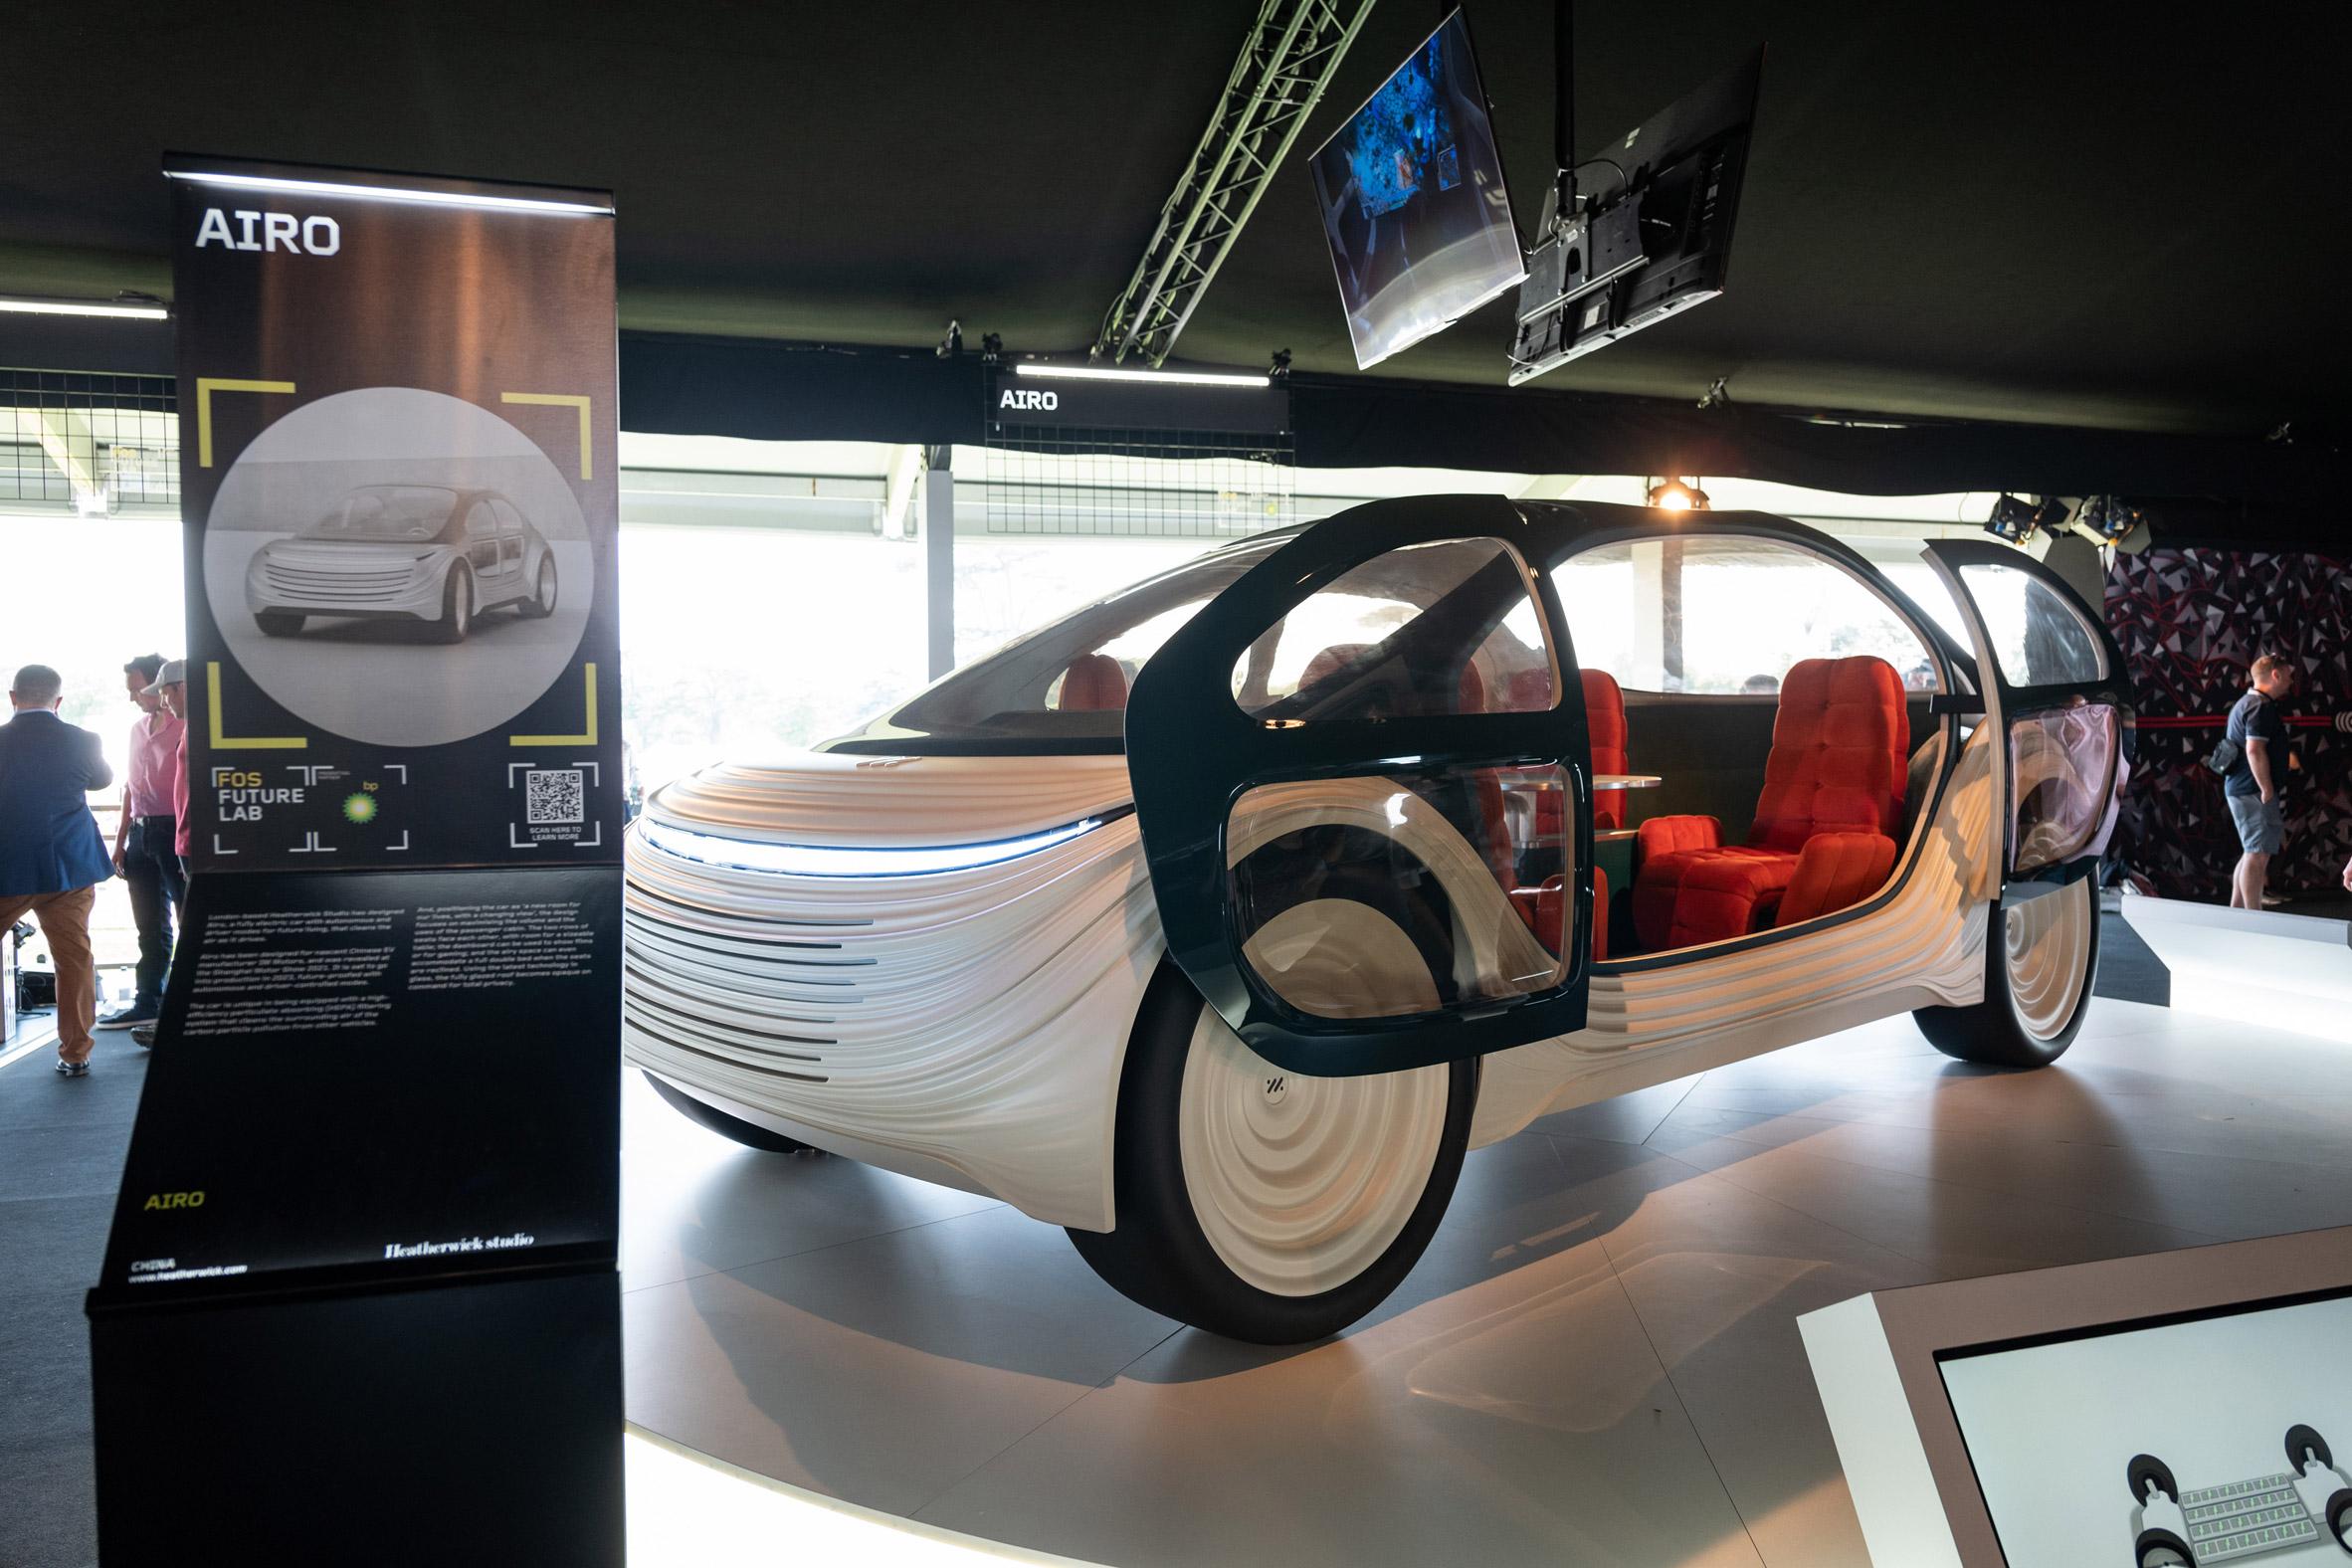 Electric car prototype by Heatherwick Studio